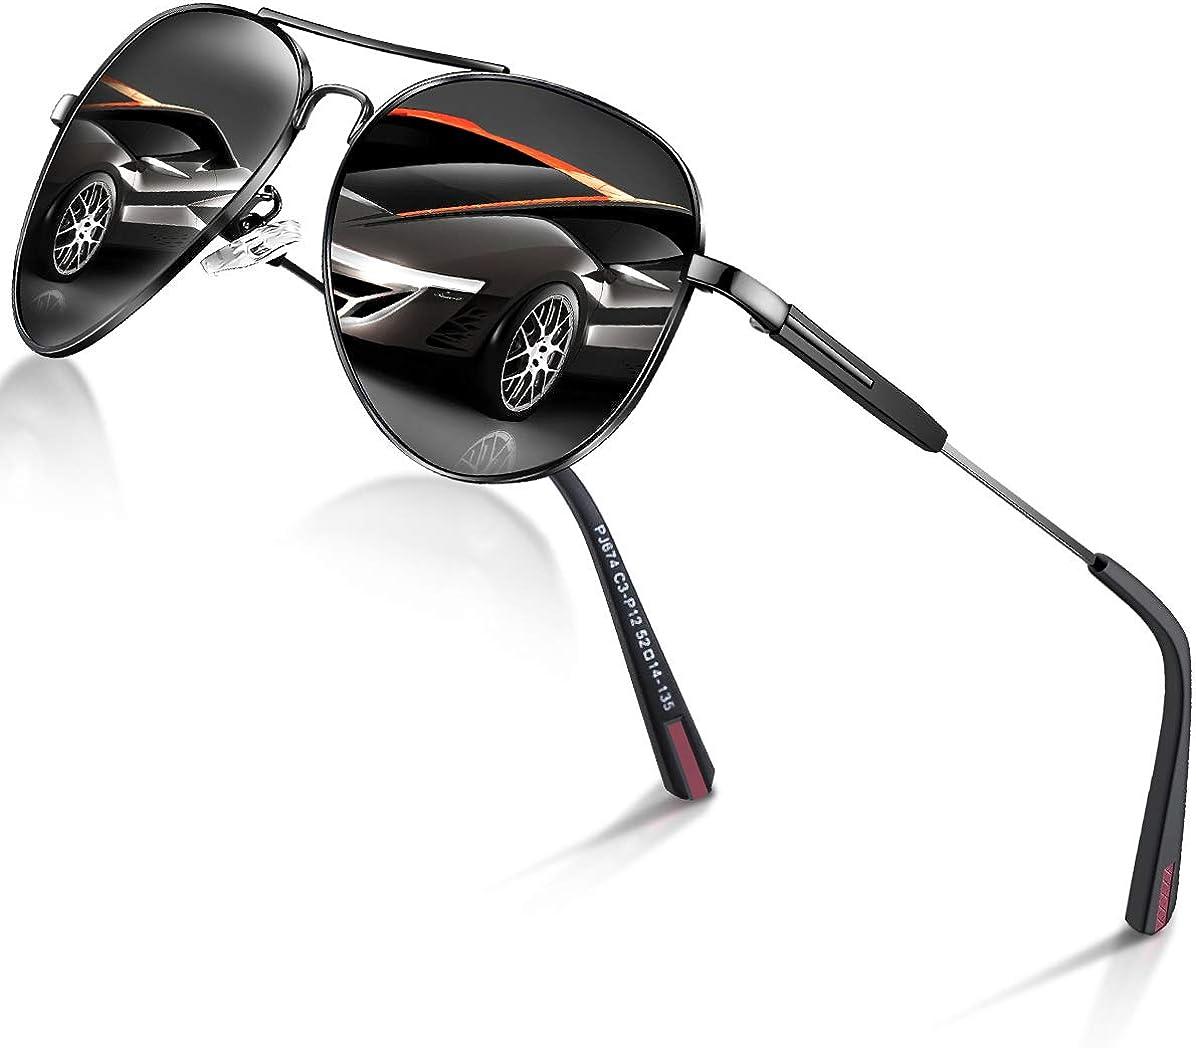 DADA-PRO Sonnenbrille Herren Pilotenbrille Damen Polarisiert Verspiegelt Retro Fahren Fahrerbrille UV400 Schutz für Autofahren Reisen Golf Party und Freizeit (Schwarz): Amazon.de: Bekleidung -